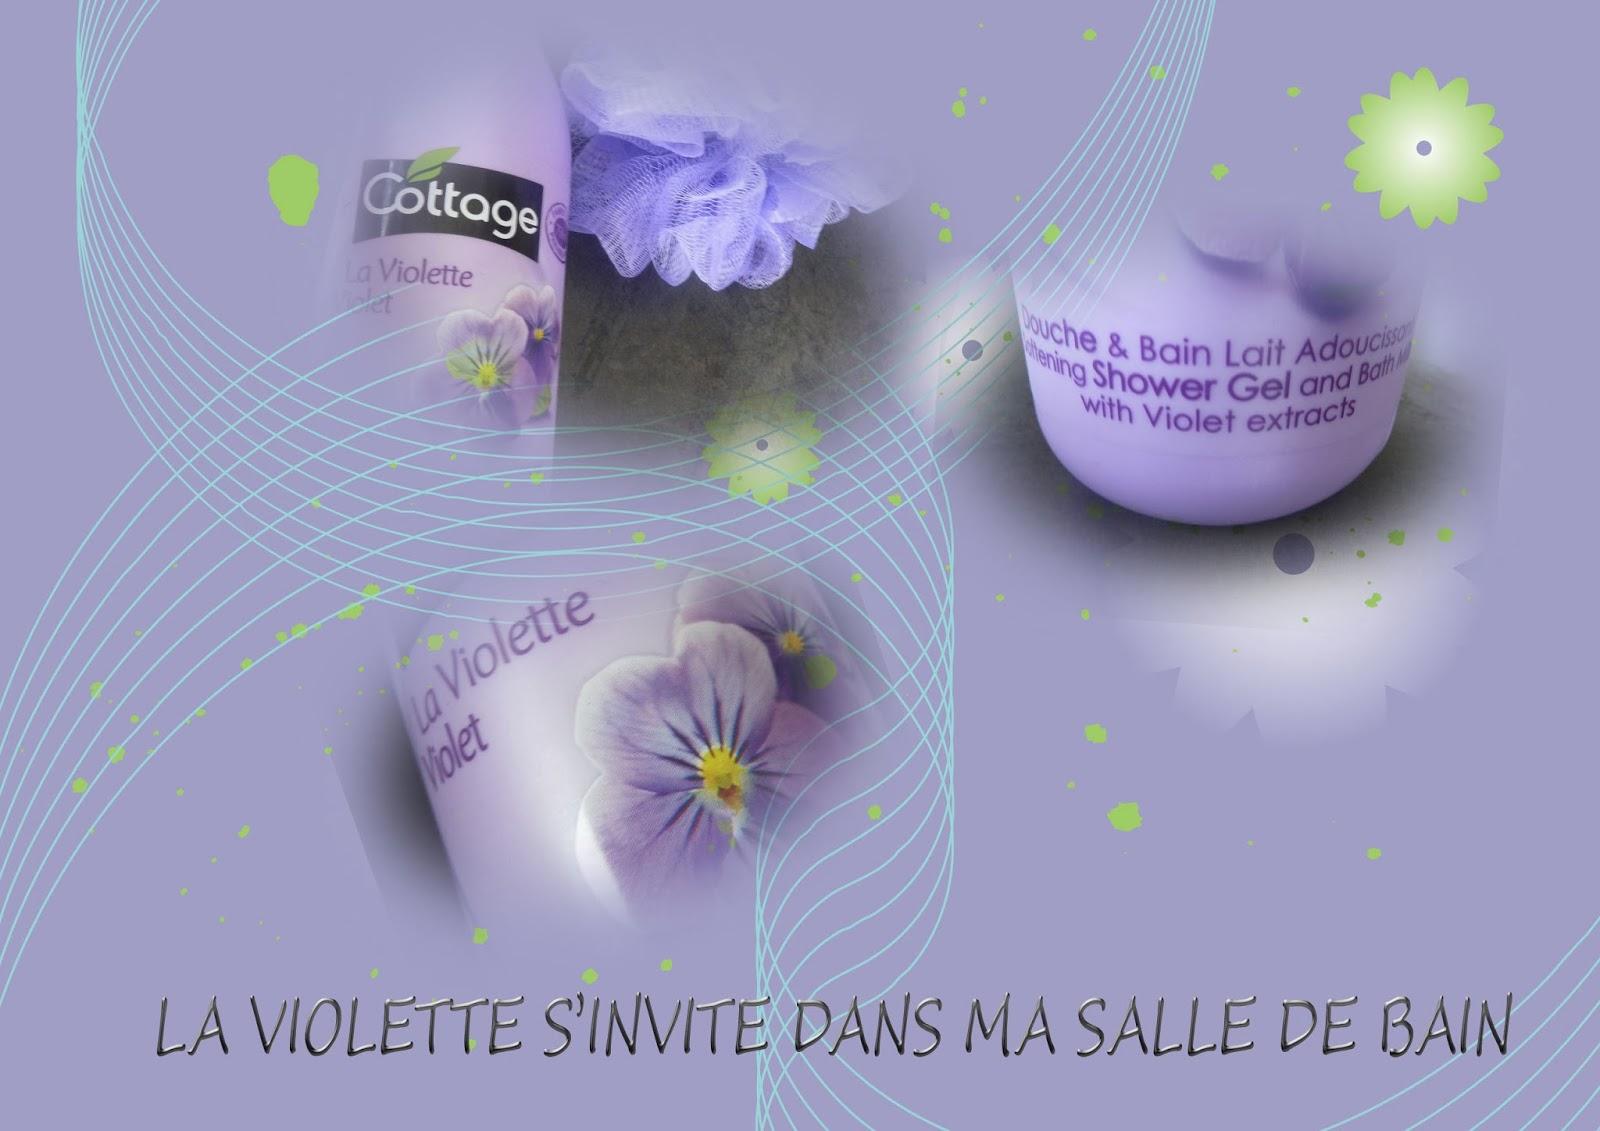 La violette s 39 invite dans ma salle de bain lesenviesdetalie for Odeur d egout dans ma salle de bain